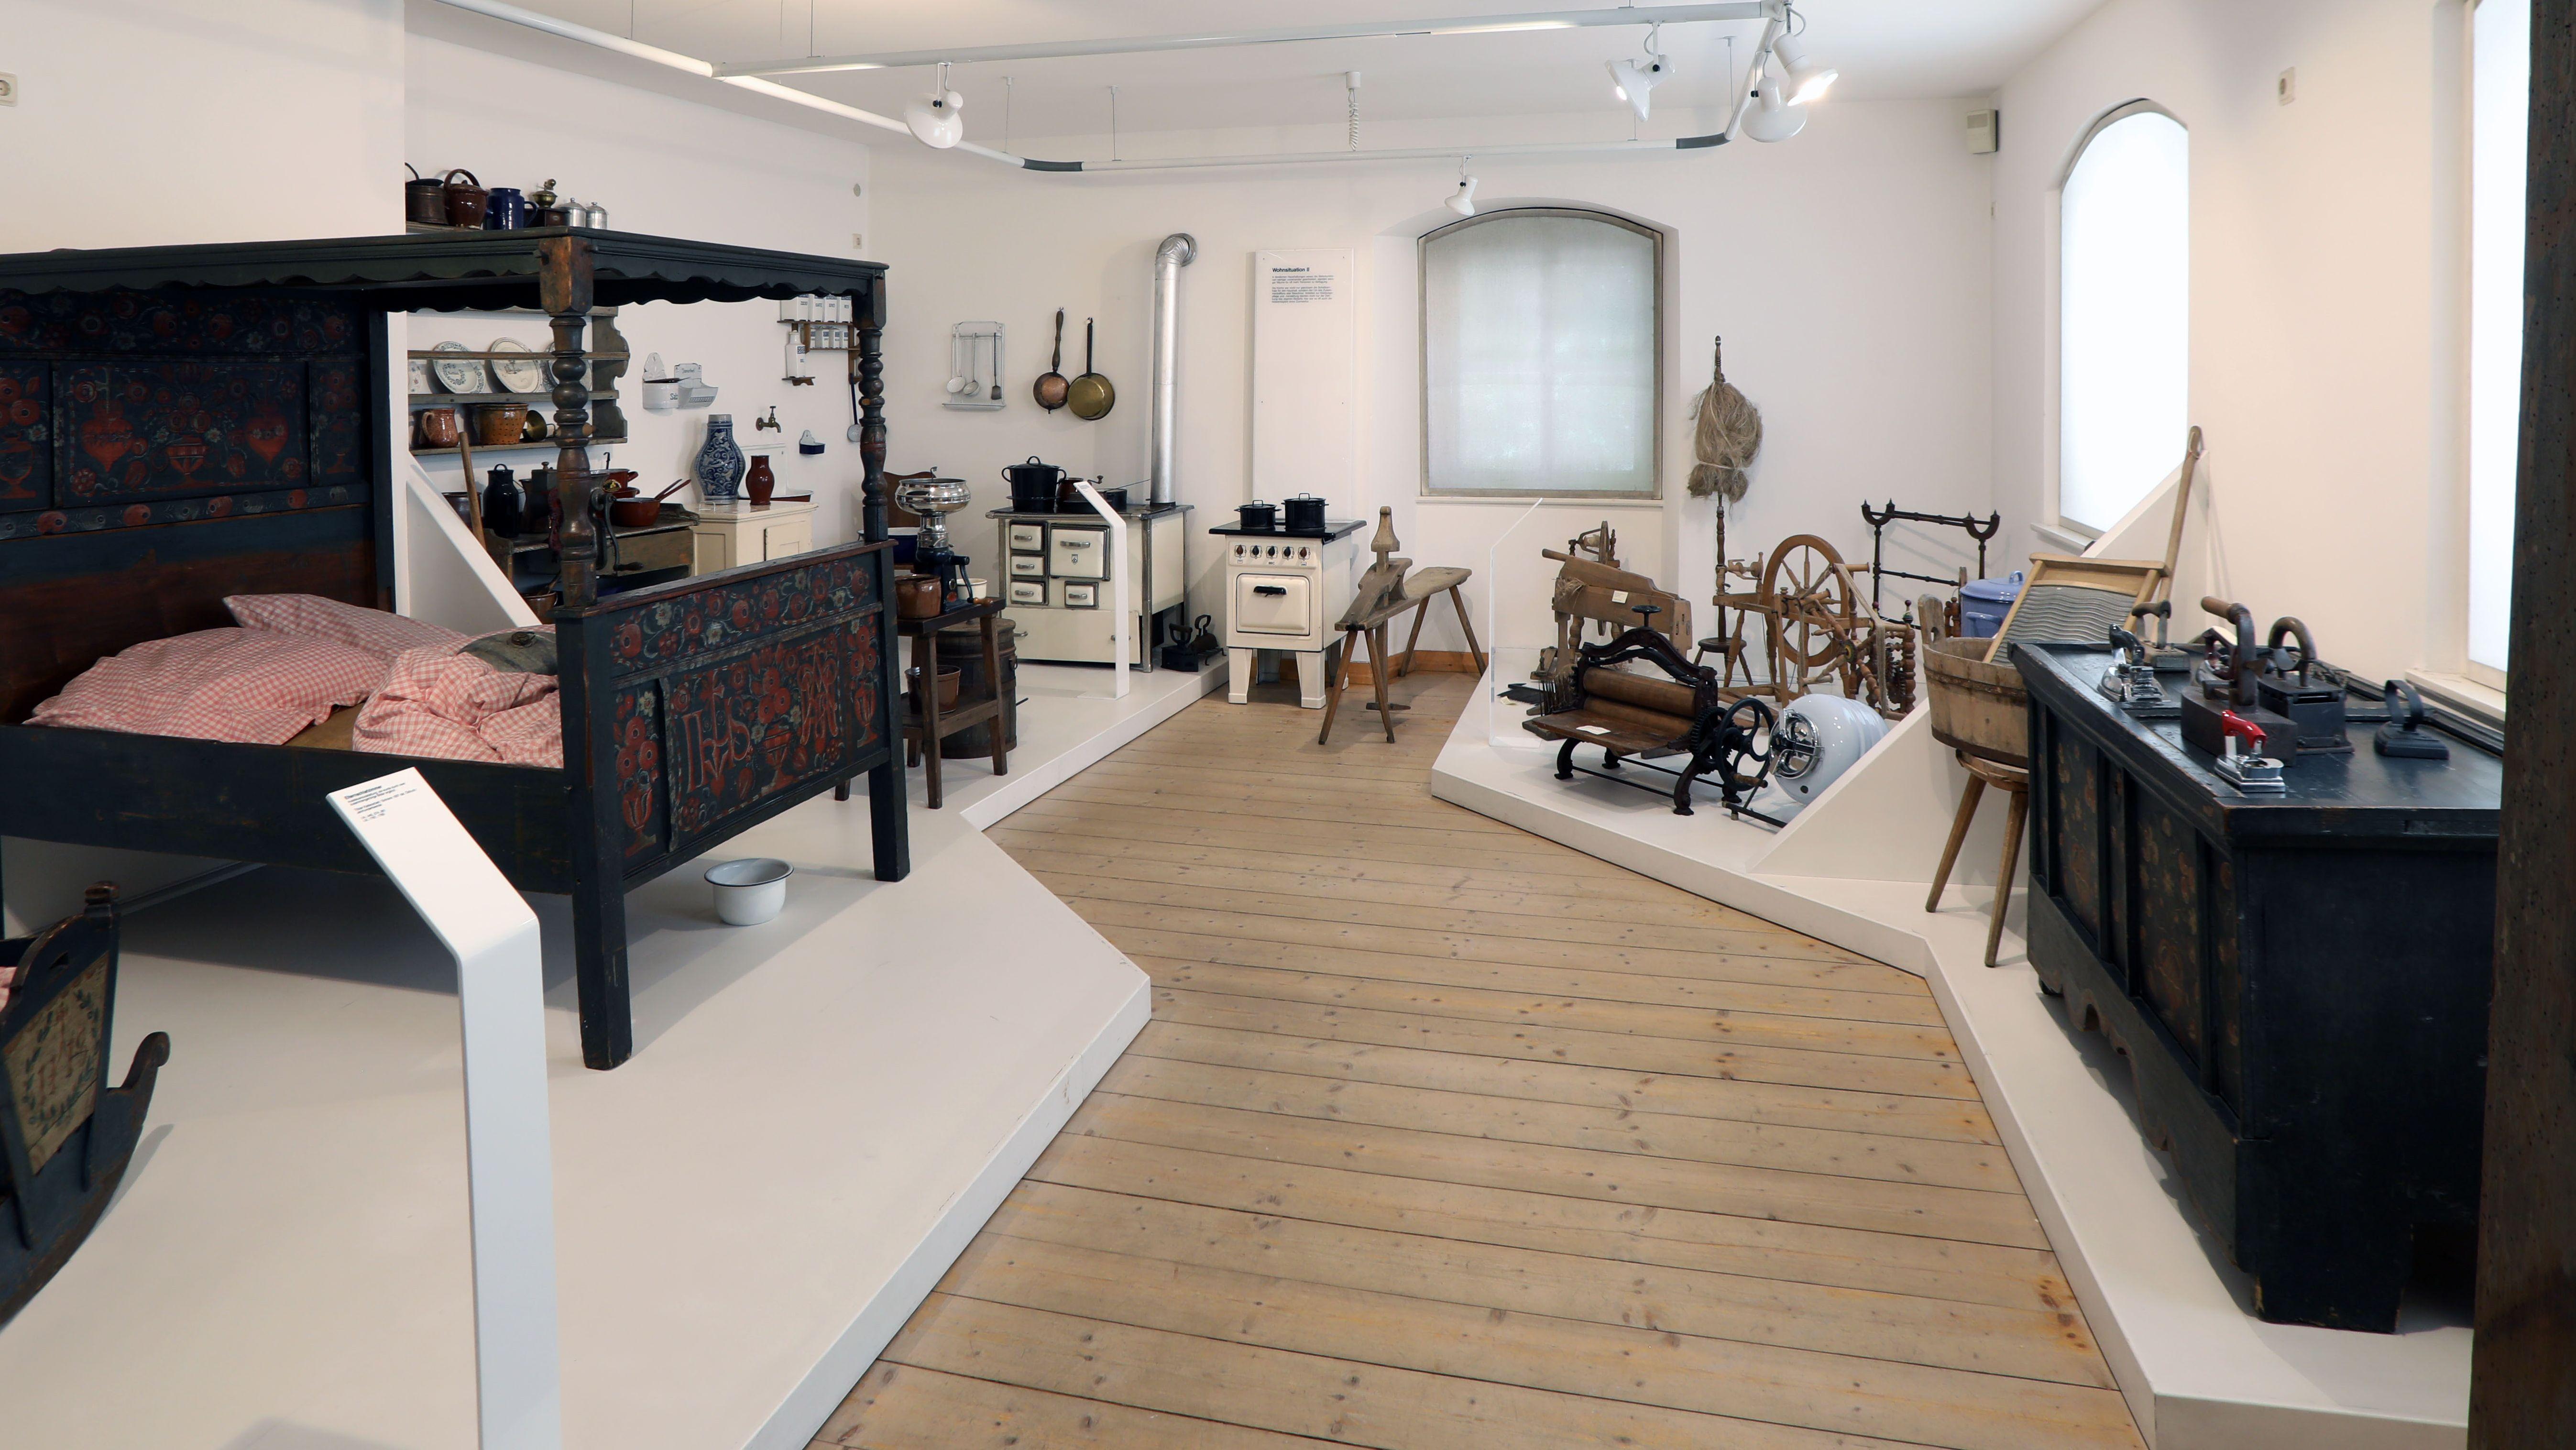 Das Stadtmuseum blickt auf eine 100-jährige Geschichte zurück und besitzt eine umfangreiche heimatgeschichtliche und volkskundliche Sammlung.